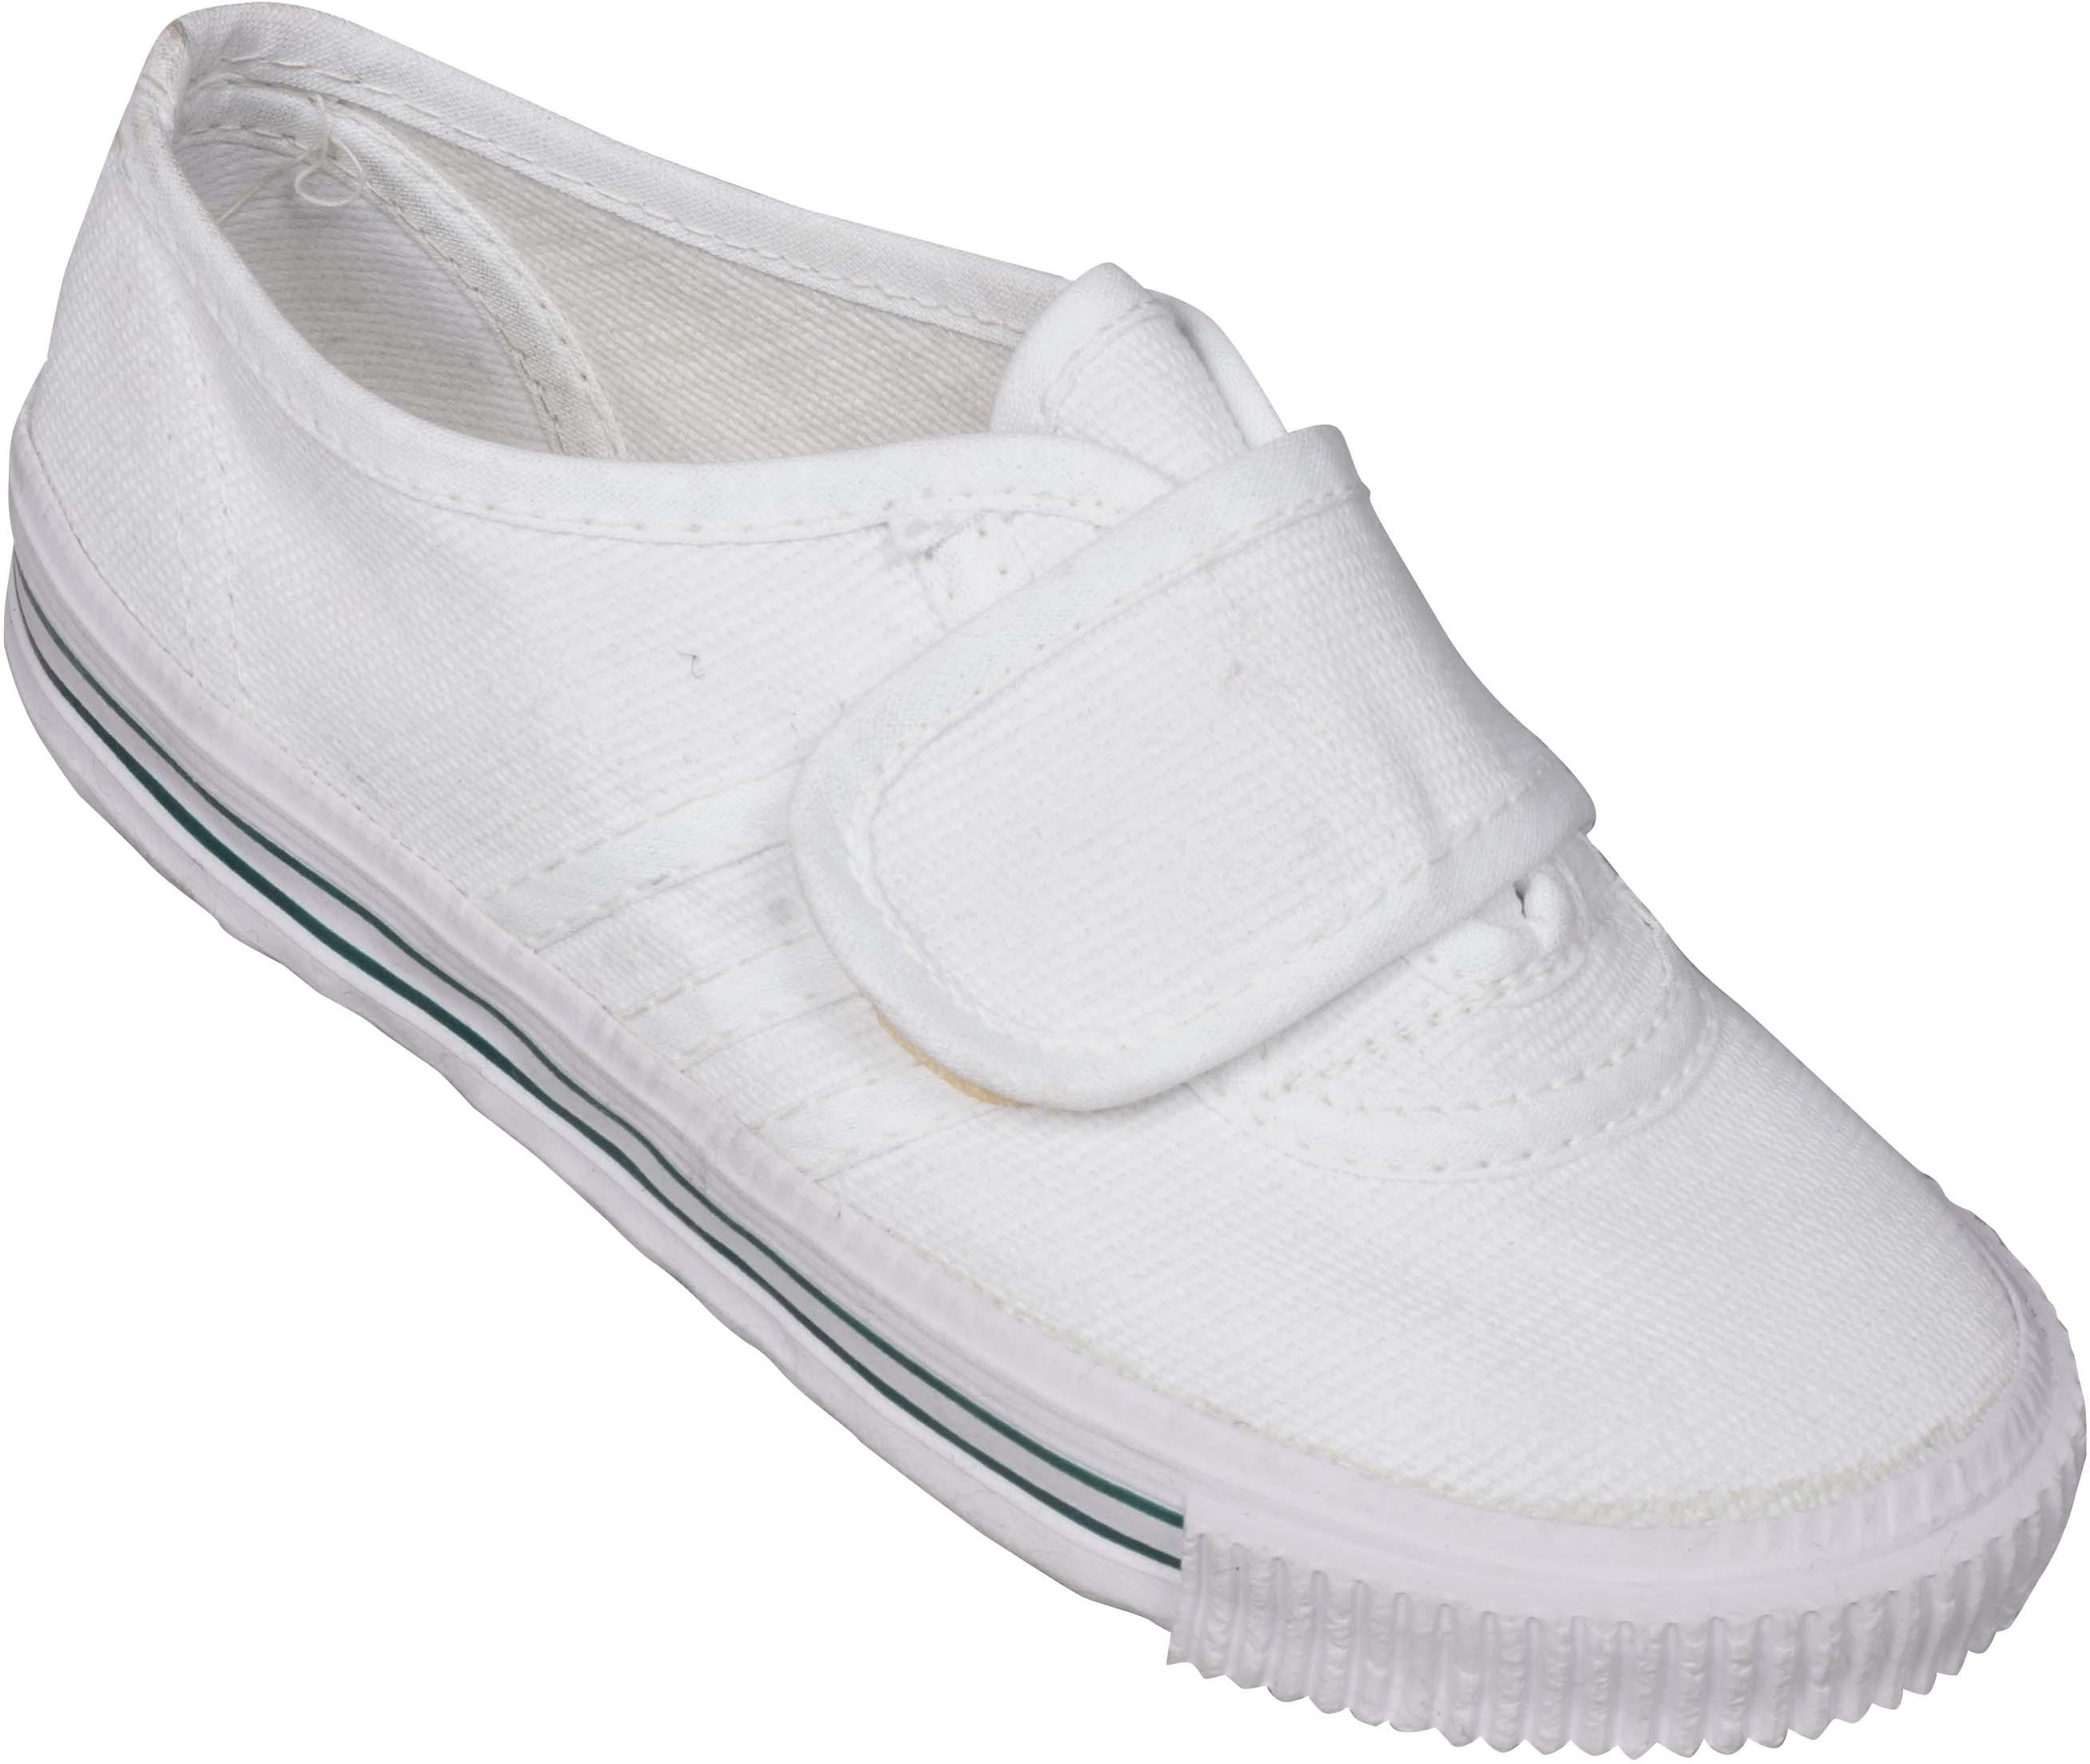 1d27b133642 Buy Venus nupurwhite Canvas Shoes on Flipkart